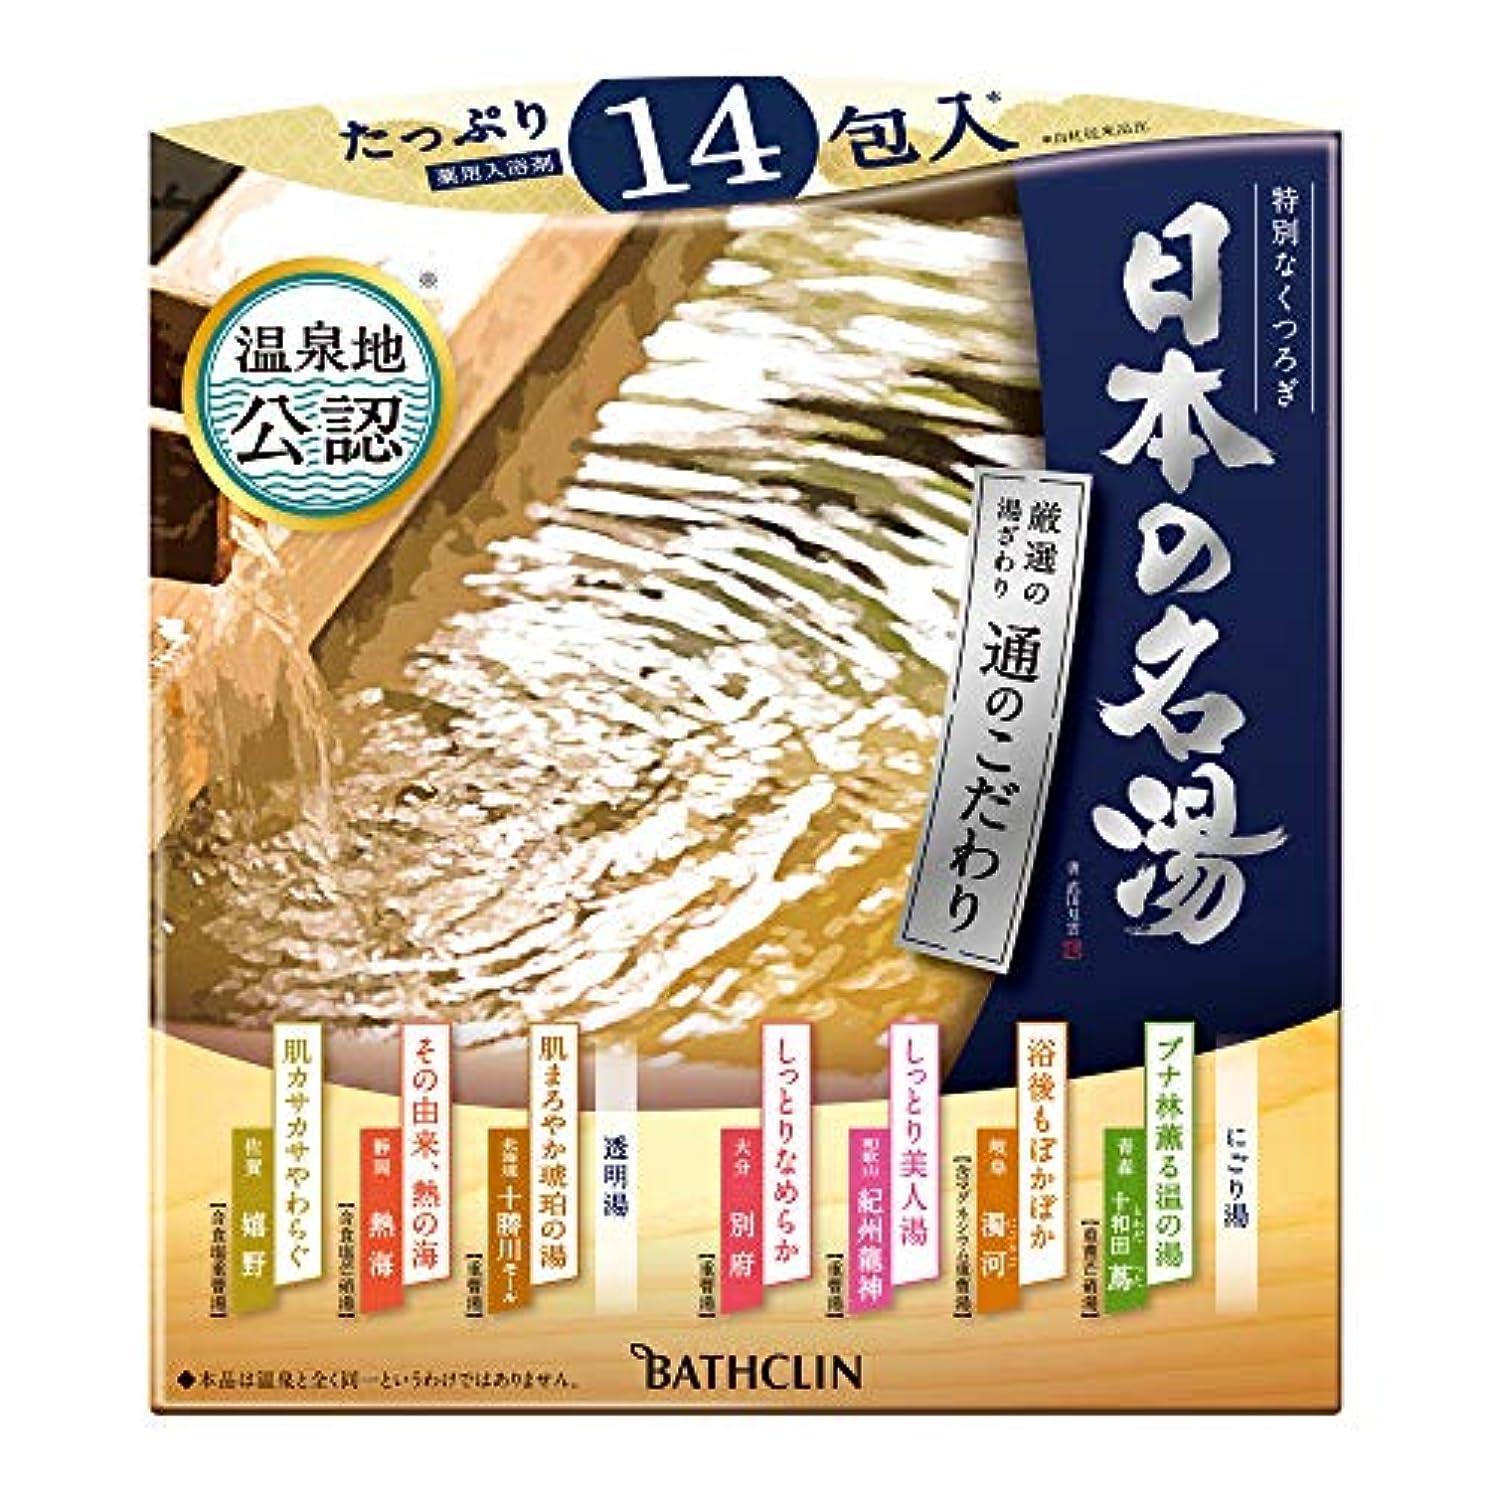 プロフェッショナルグラフィック振り返る日本の名湯 通のこだわり 入浴剤 色と香りで情緒を表現した温泉タイプ入浴剤 セット 30g×14包